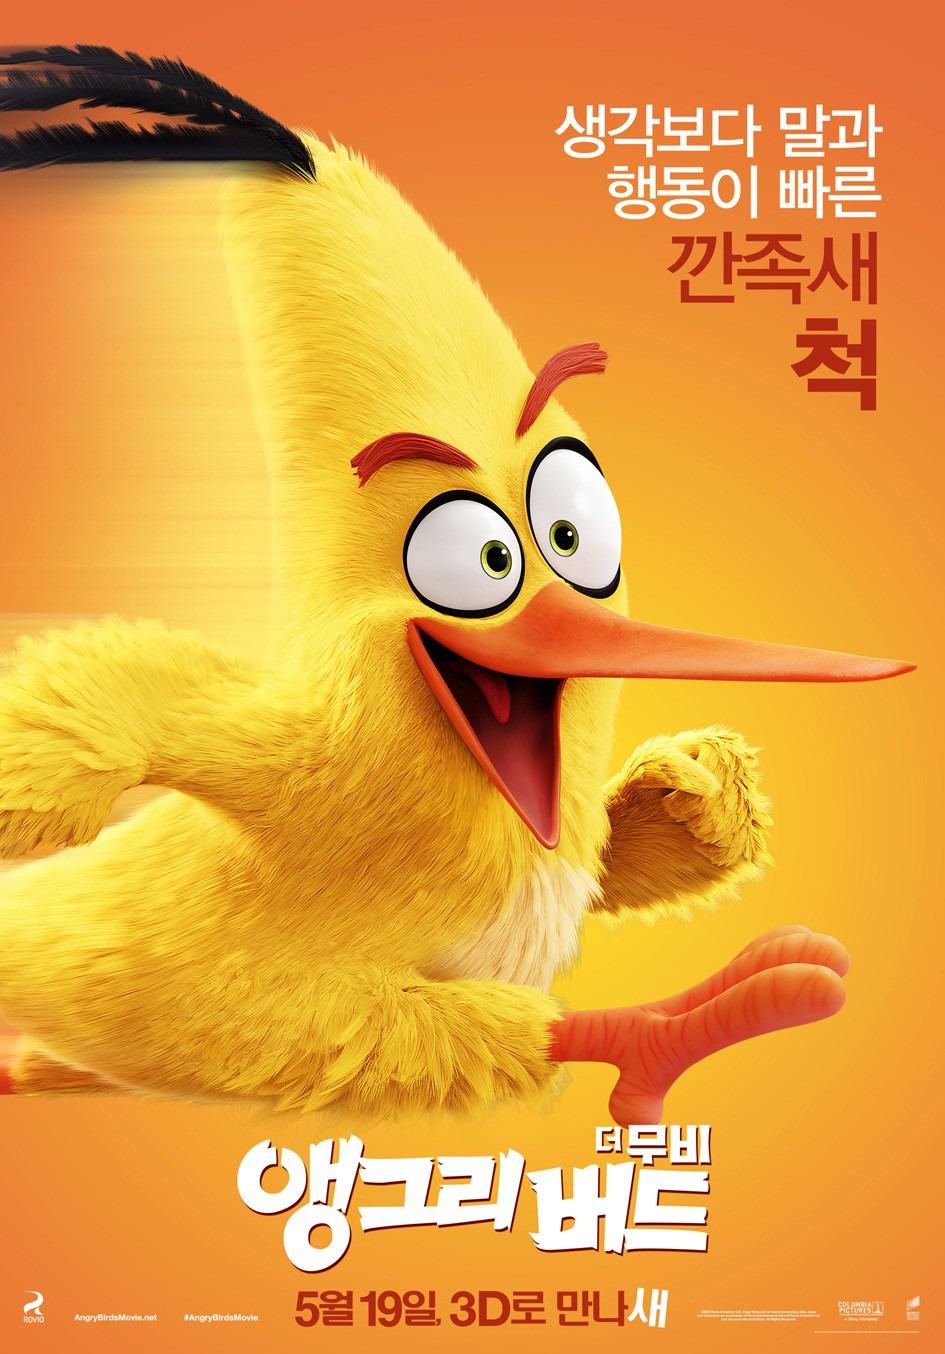 «Angry Birds В Кино Смотреть 2016» — 2008